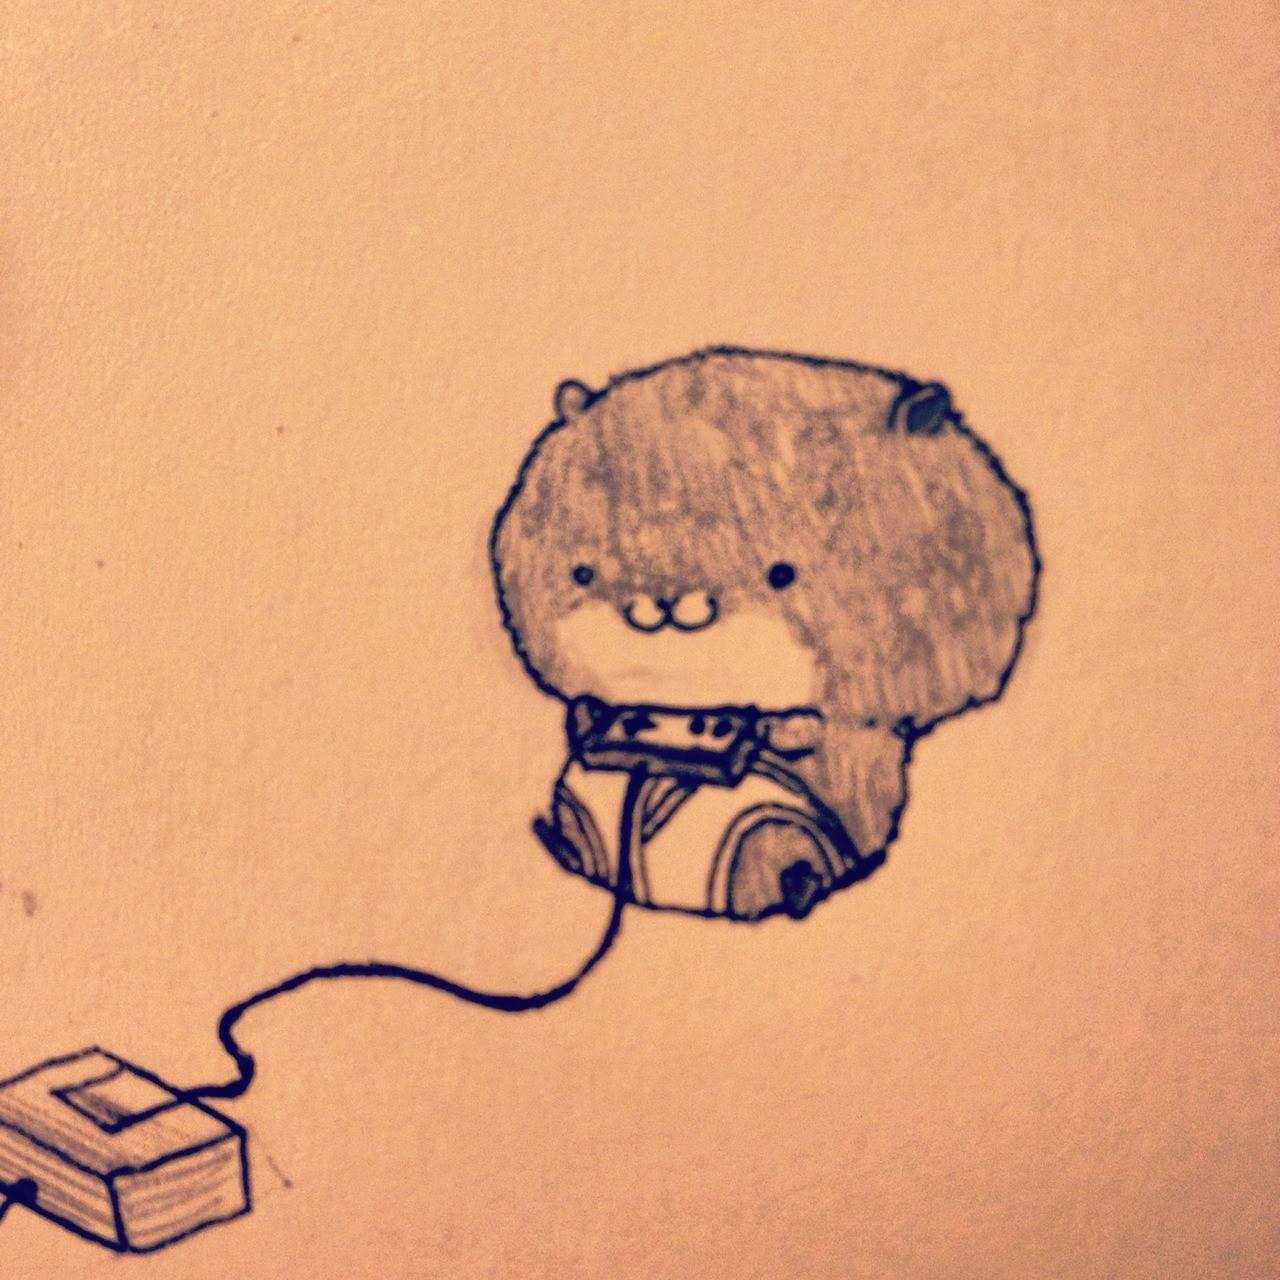 http://25.media.tumblr.com/tumblr_m6hmi3FyTk1qjobupo1_1280.jpg